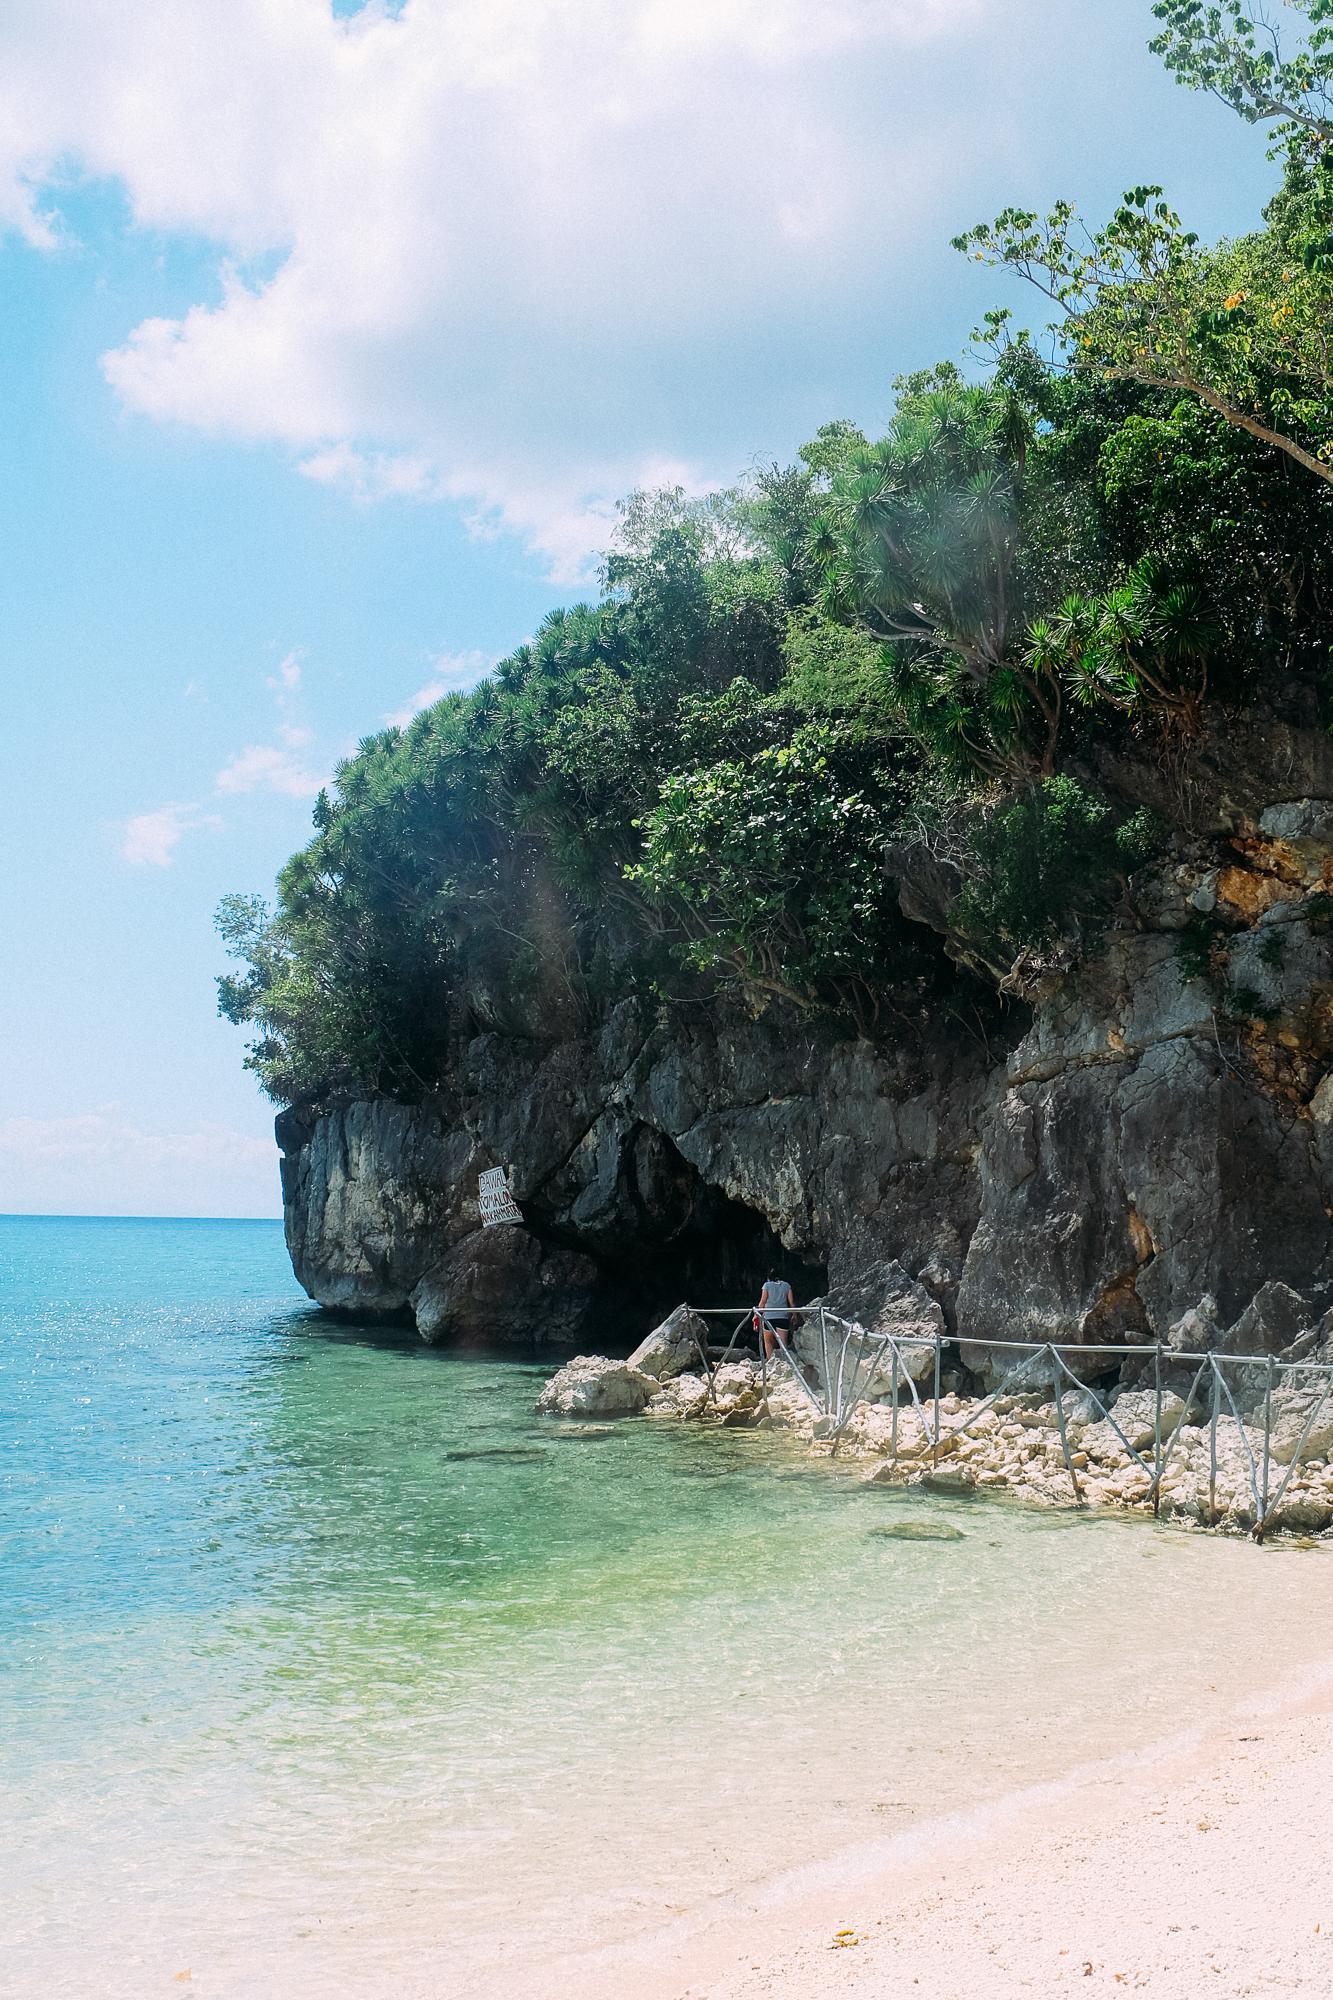 Borawan Philippines (1 of 8)